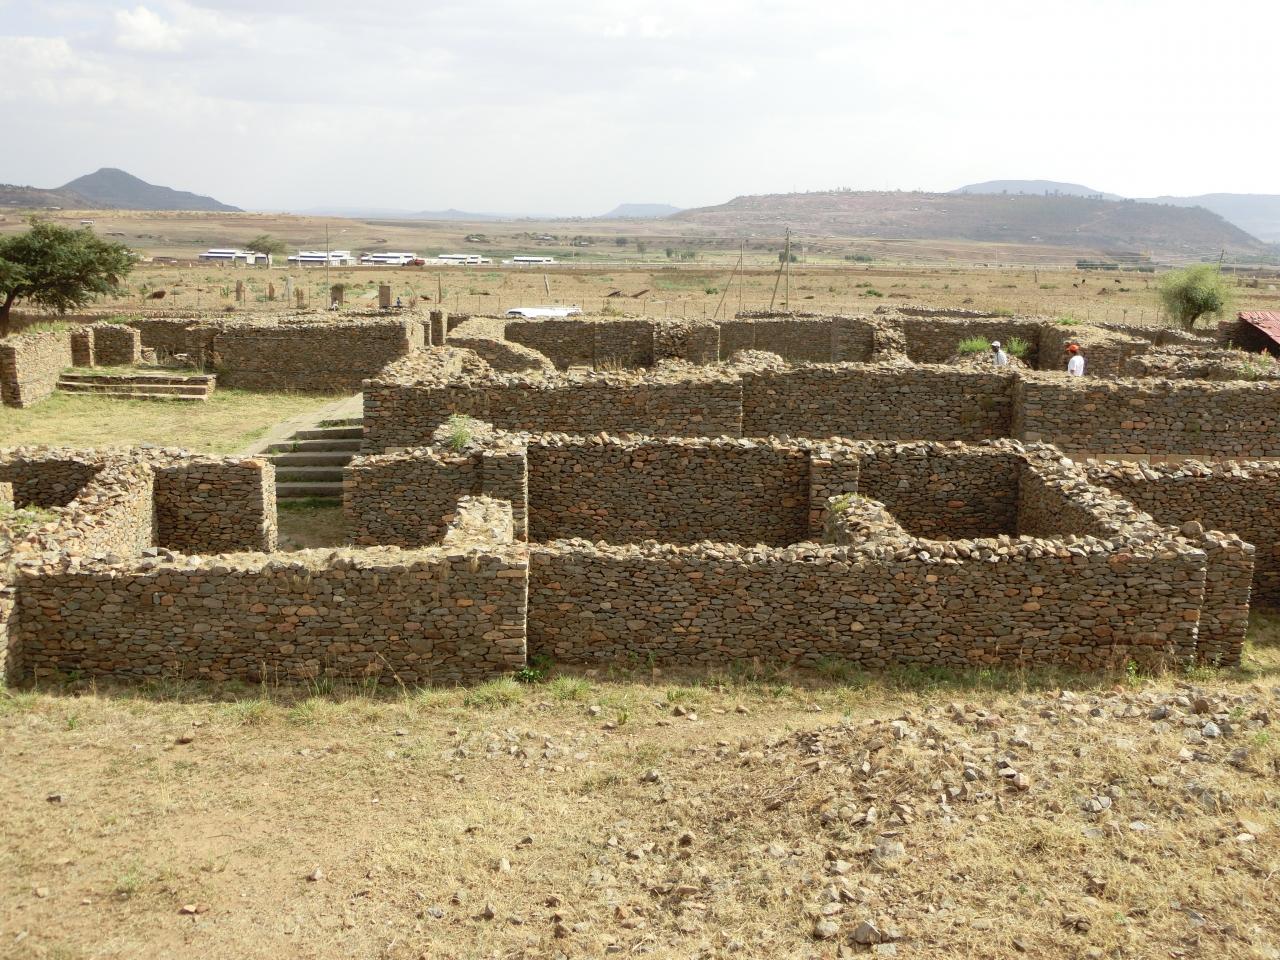 「シバの女王の神殿跡」は「アクスム」にある「紀元... 『シバの女王の神殿跡』アクスム(エチオピ